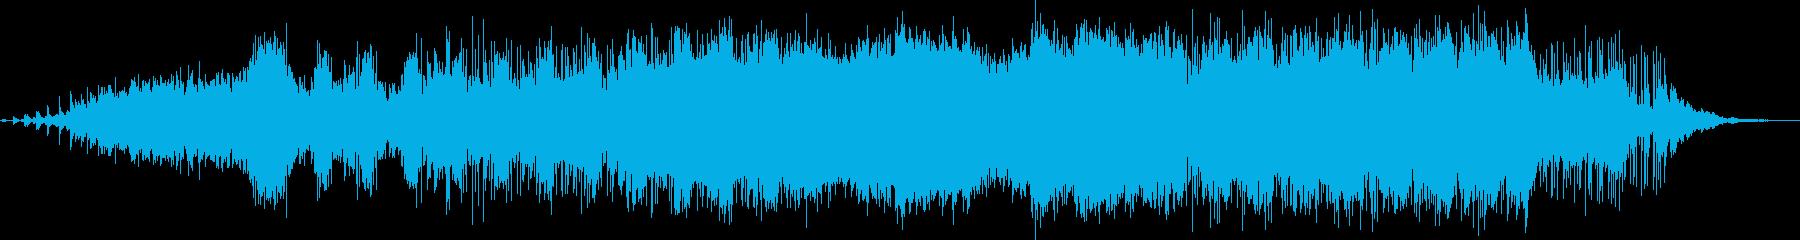 北欧スウェーデン語で歌う満点の星空の再生済みの波形